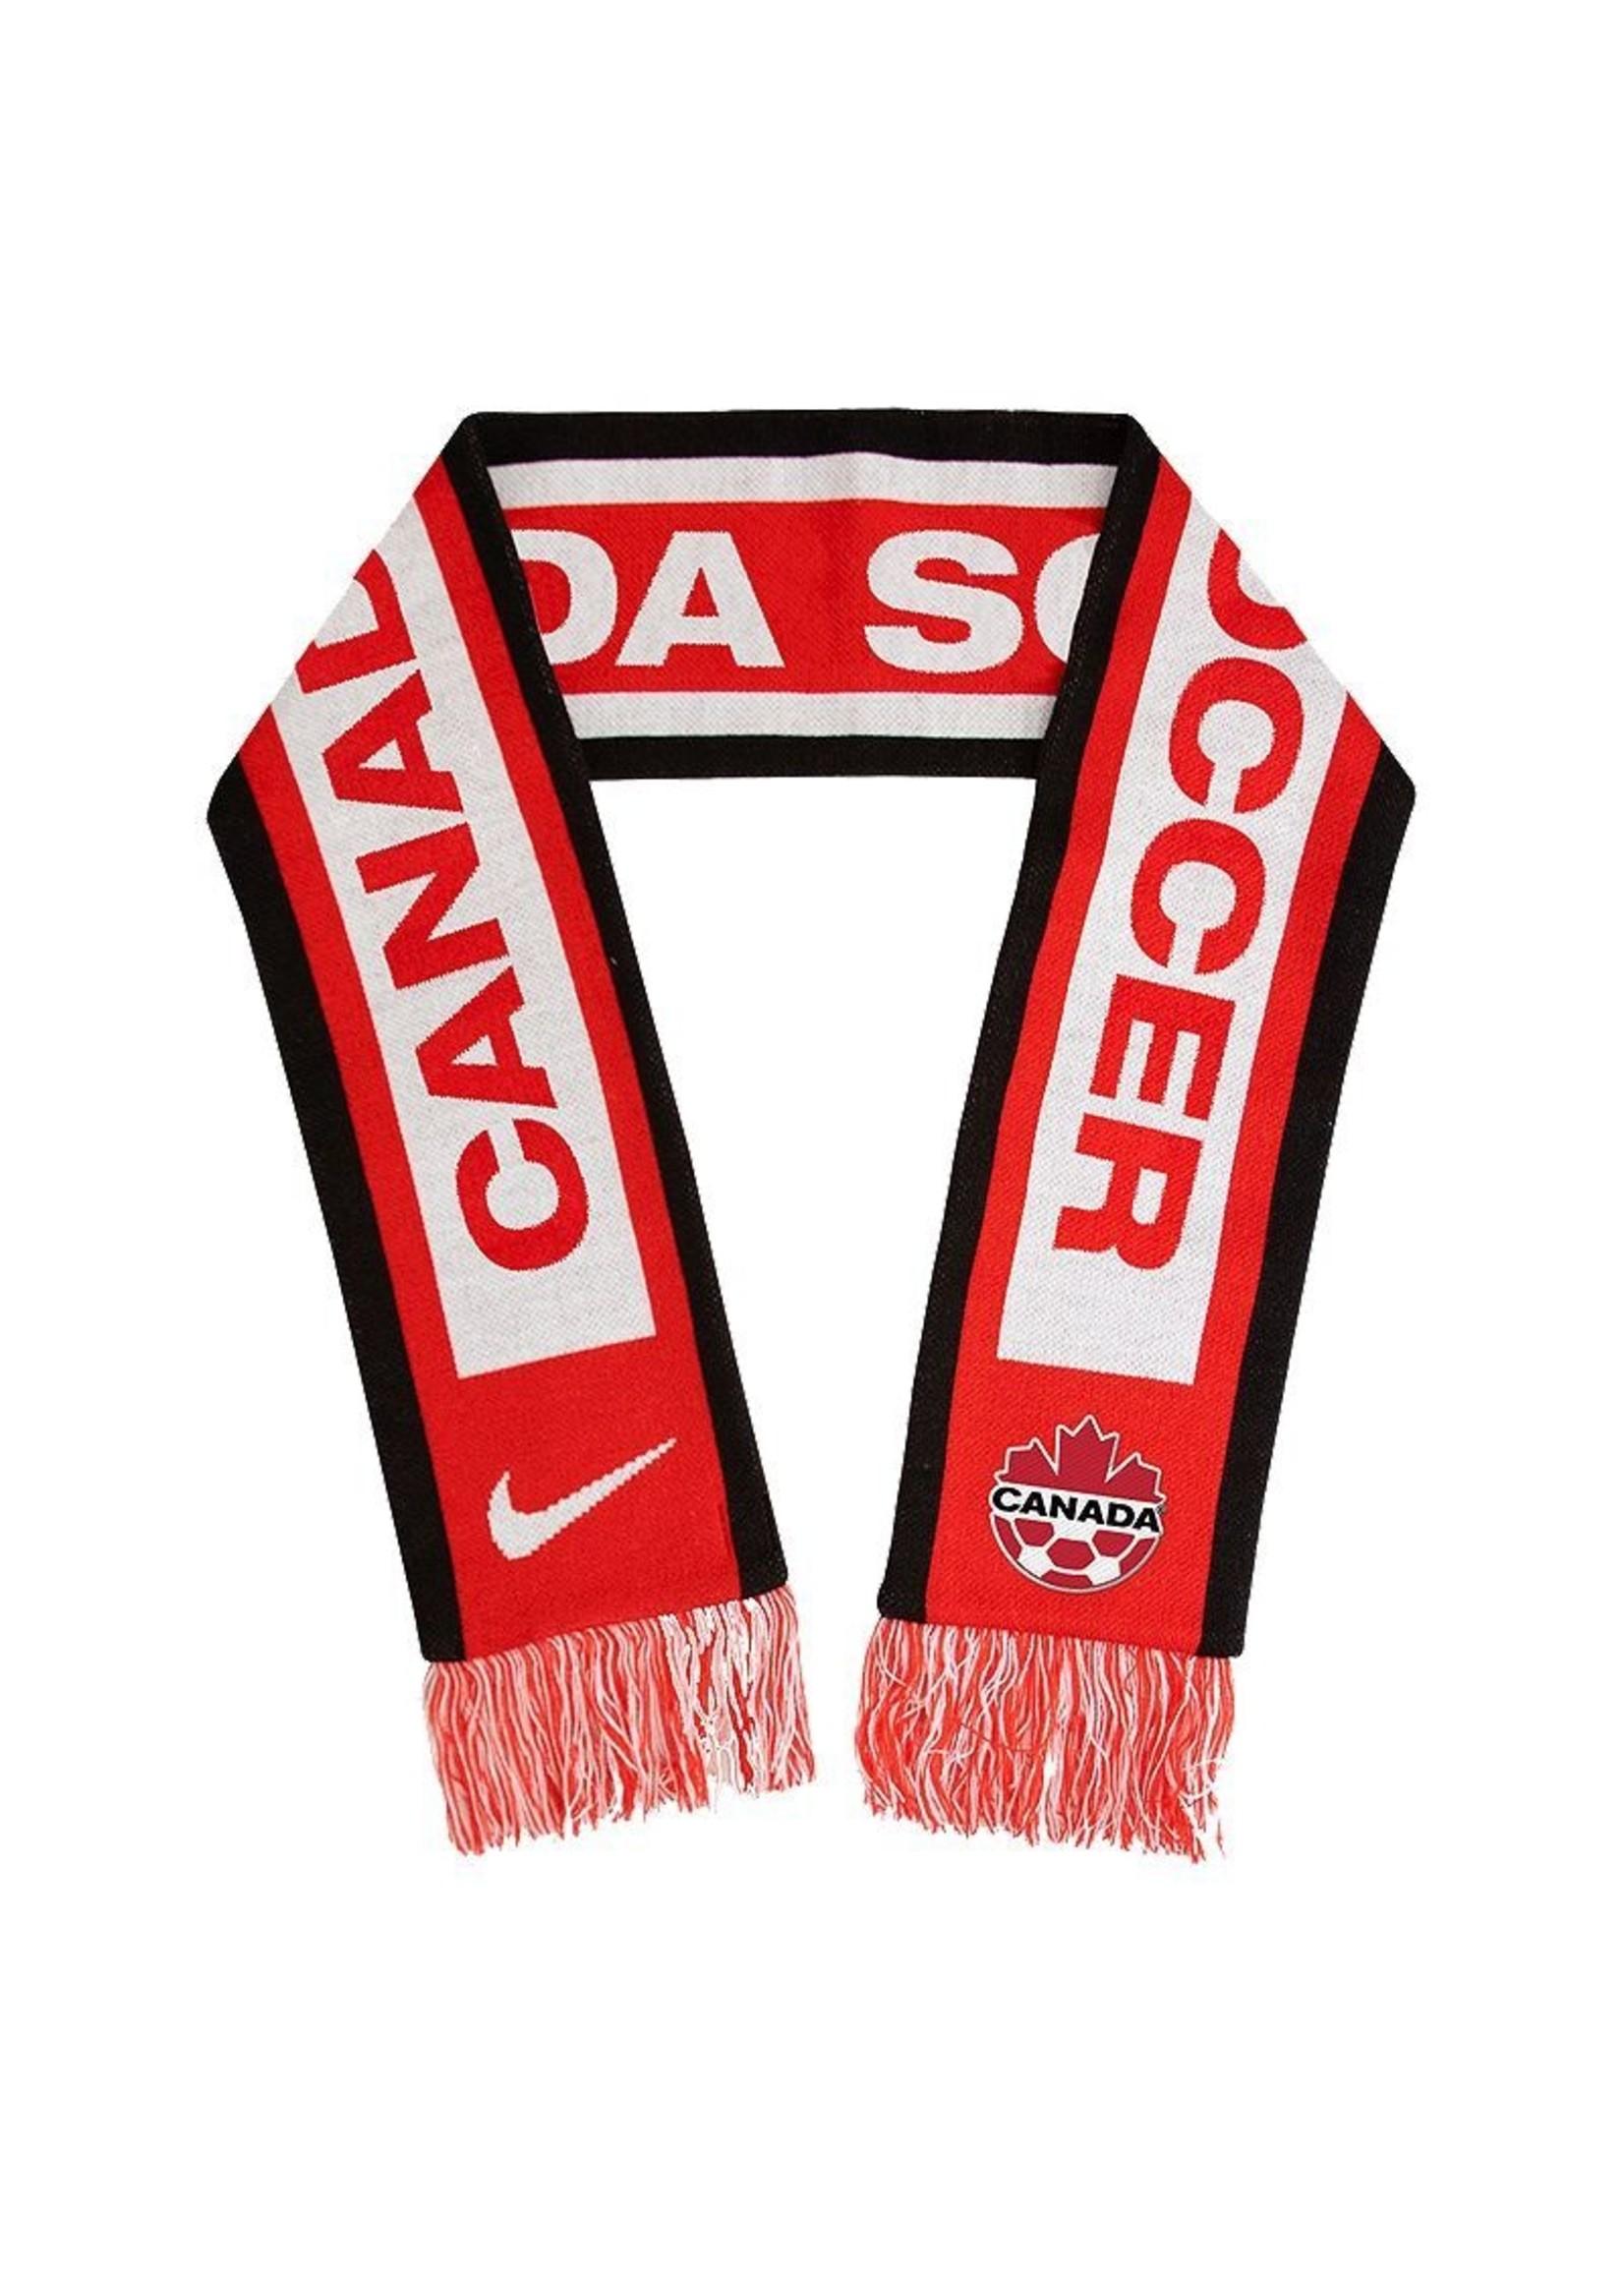 Nike Canada Scarf - Team